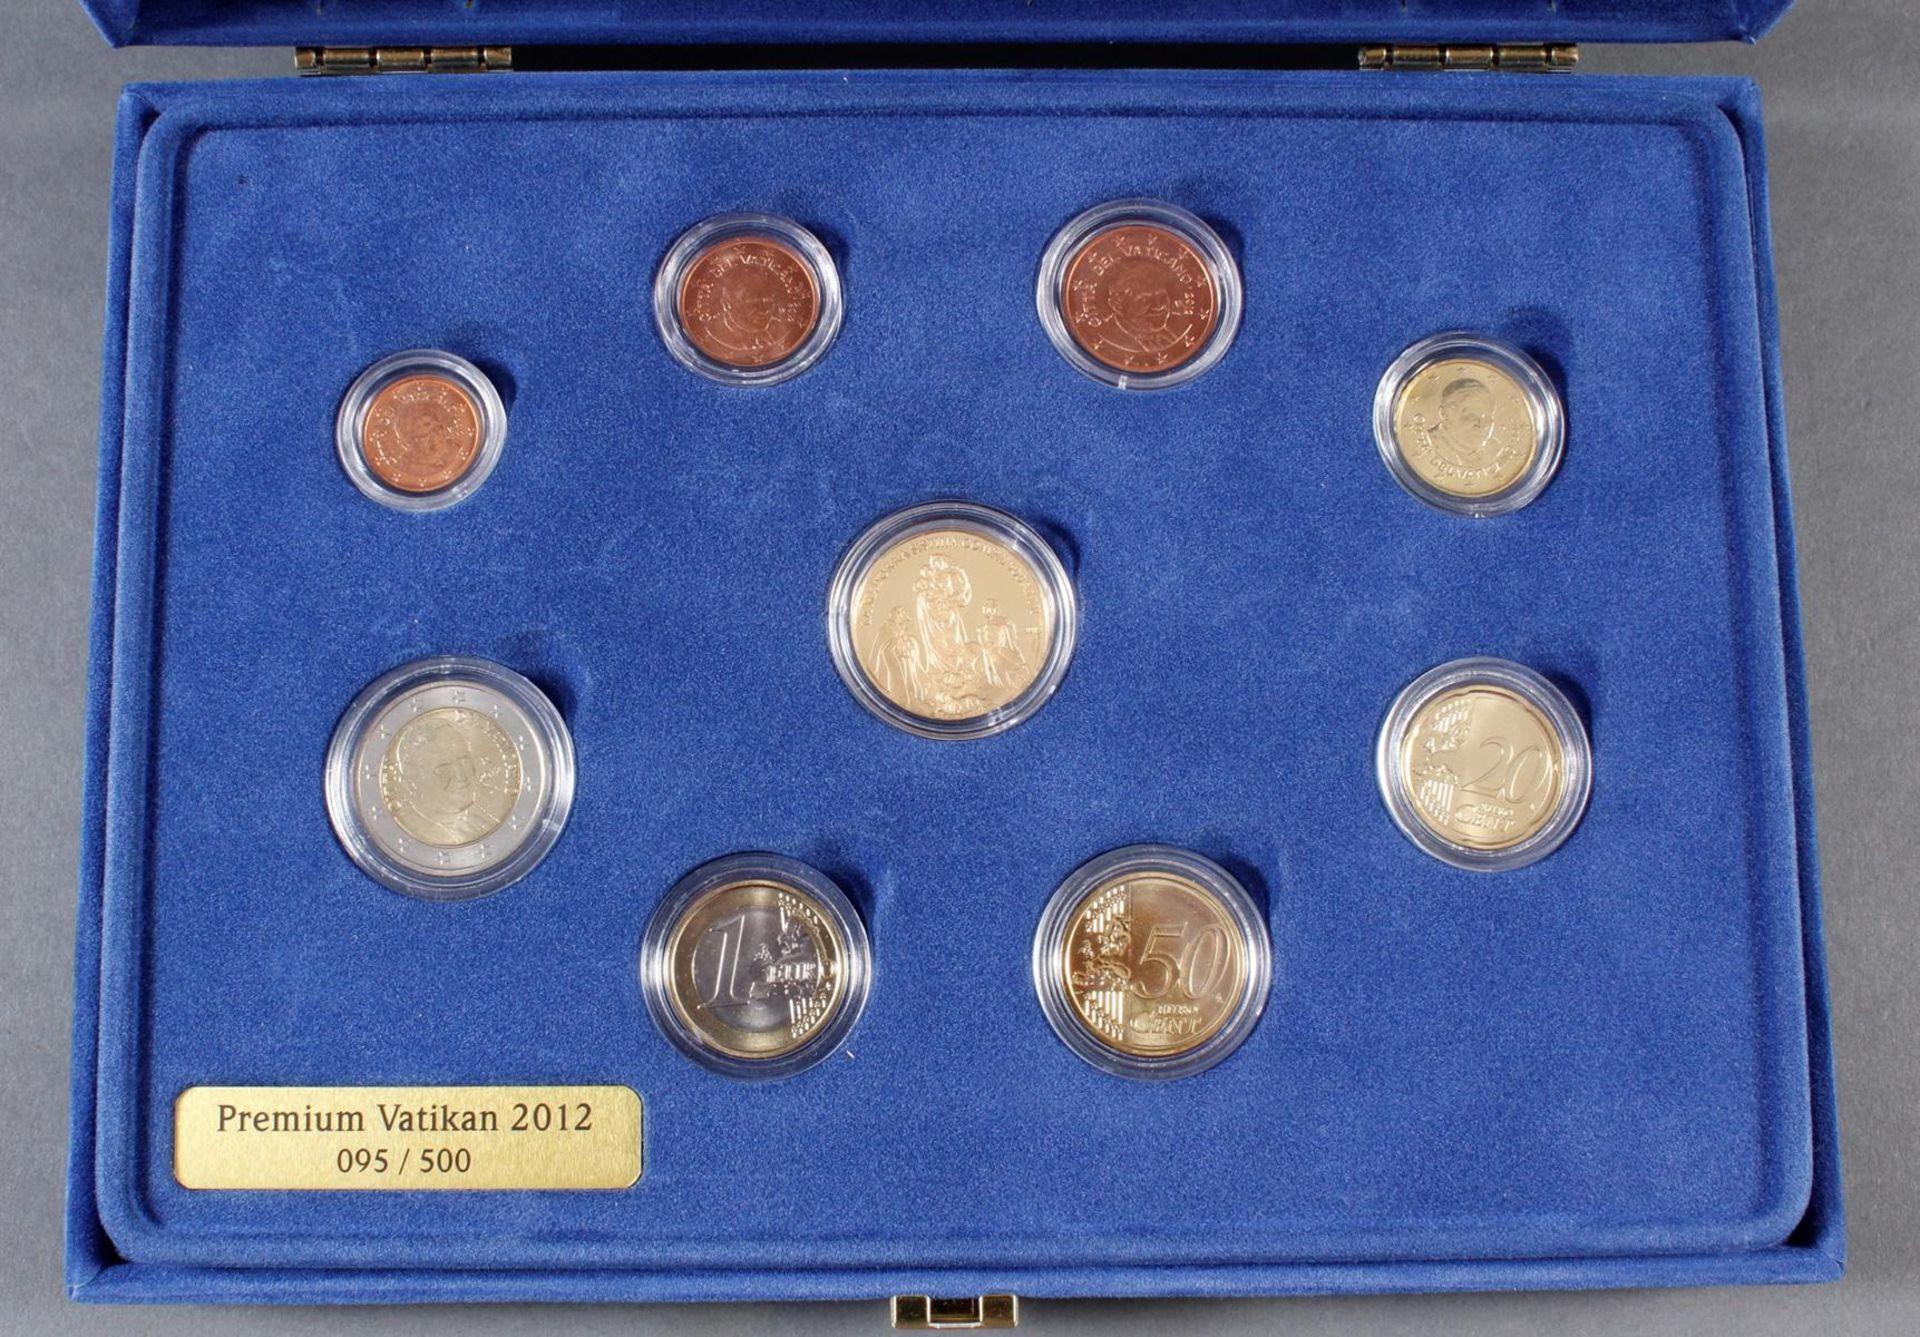 Vatikan Premium KMS (Kursmünzensatz) 2012 mit 1/10 Unze Goldmedaille - Bild 2 aus 4